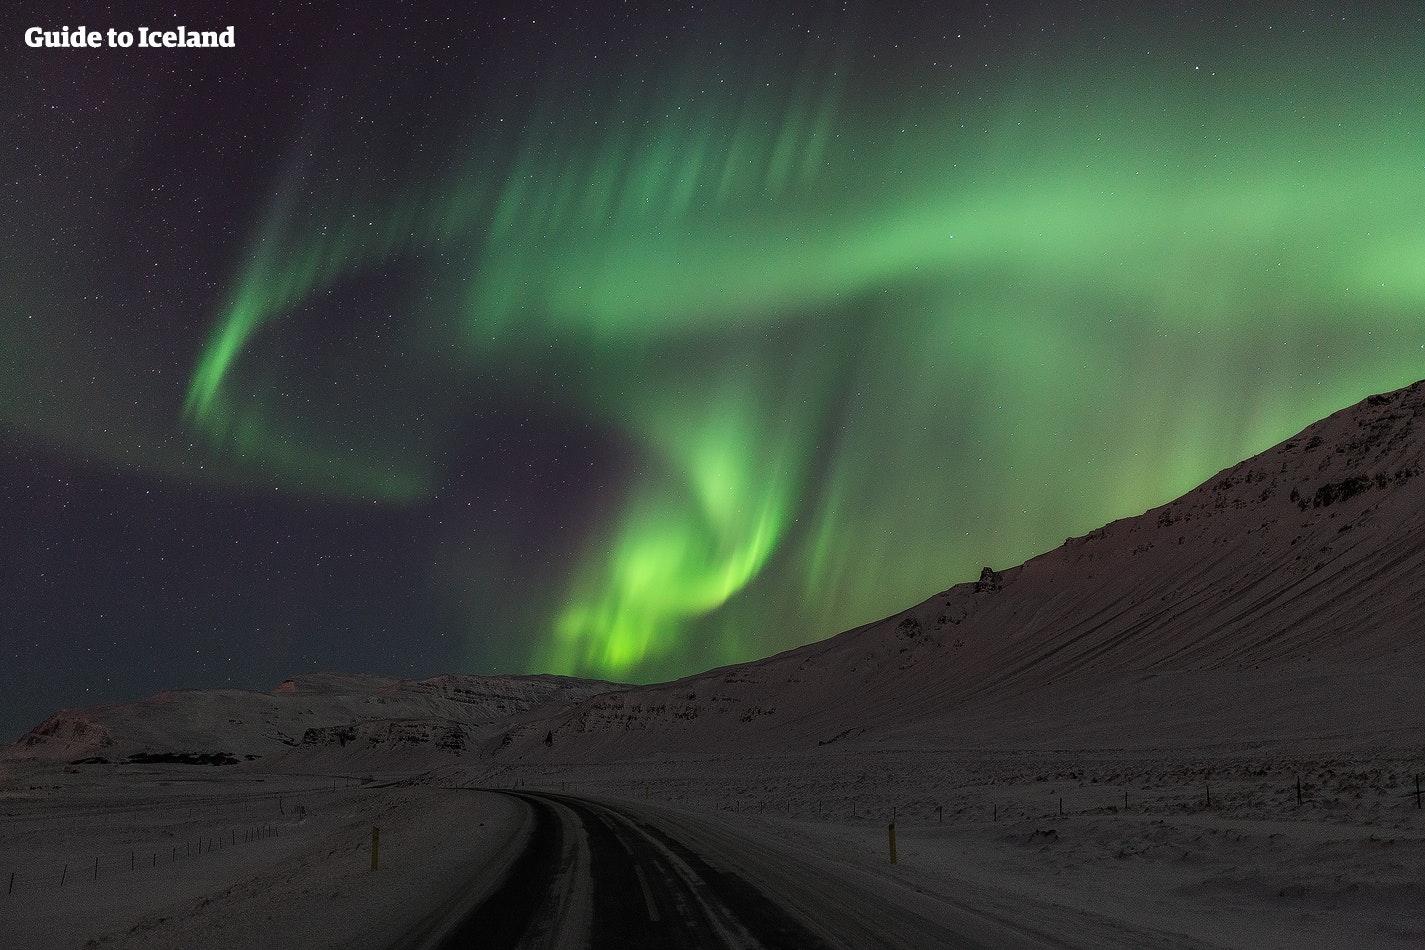 Nordlyset er et syn som er vel verdt litt egeninnsats, og en leiebiltur gir deg uendelig med muligheter til å dra på nordlysjakt.